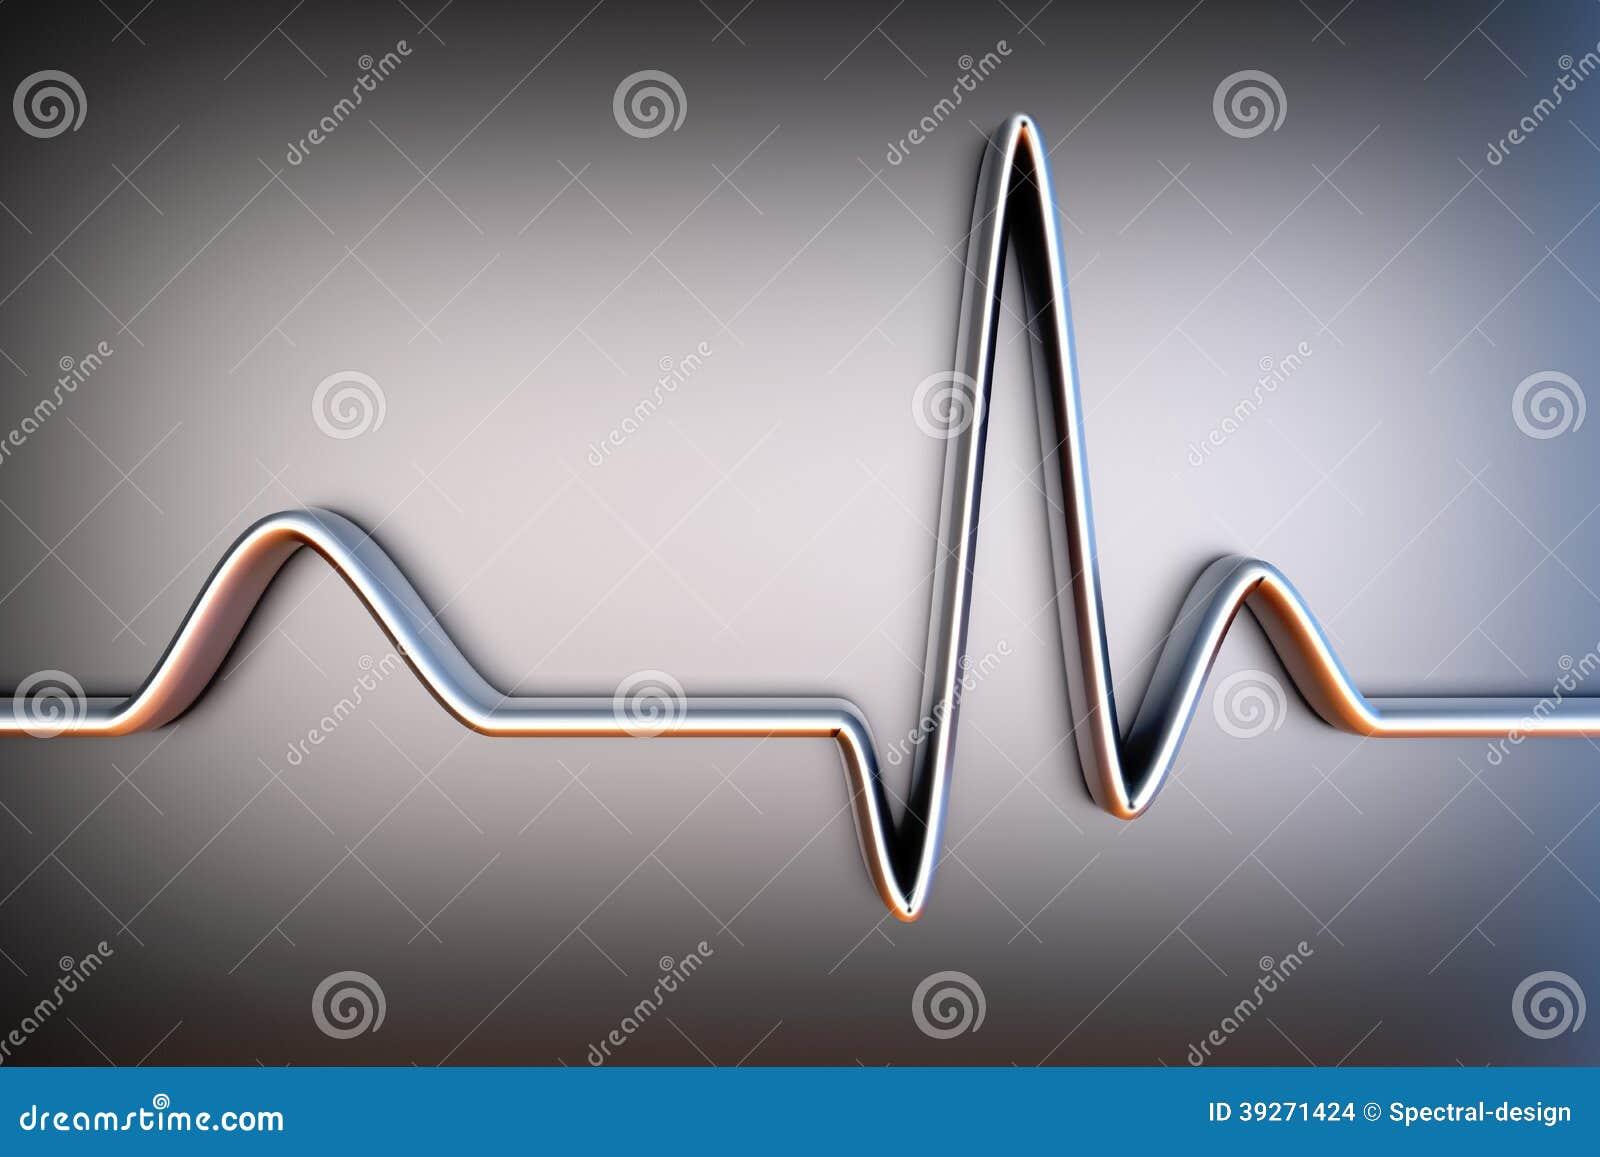 ECG line